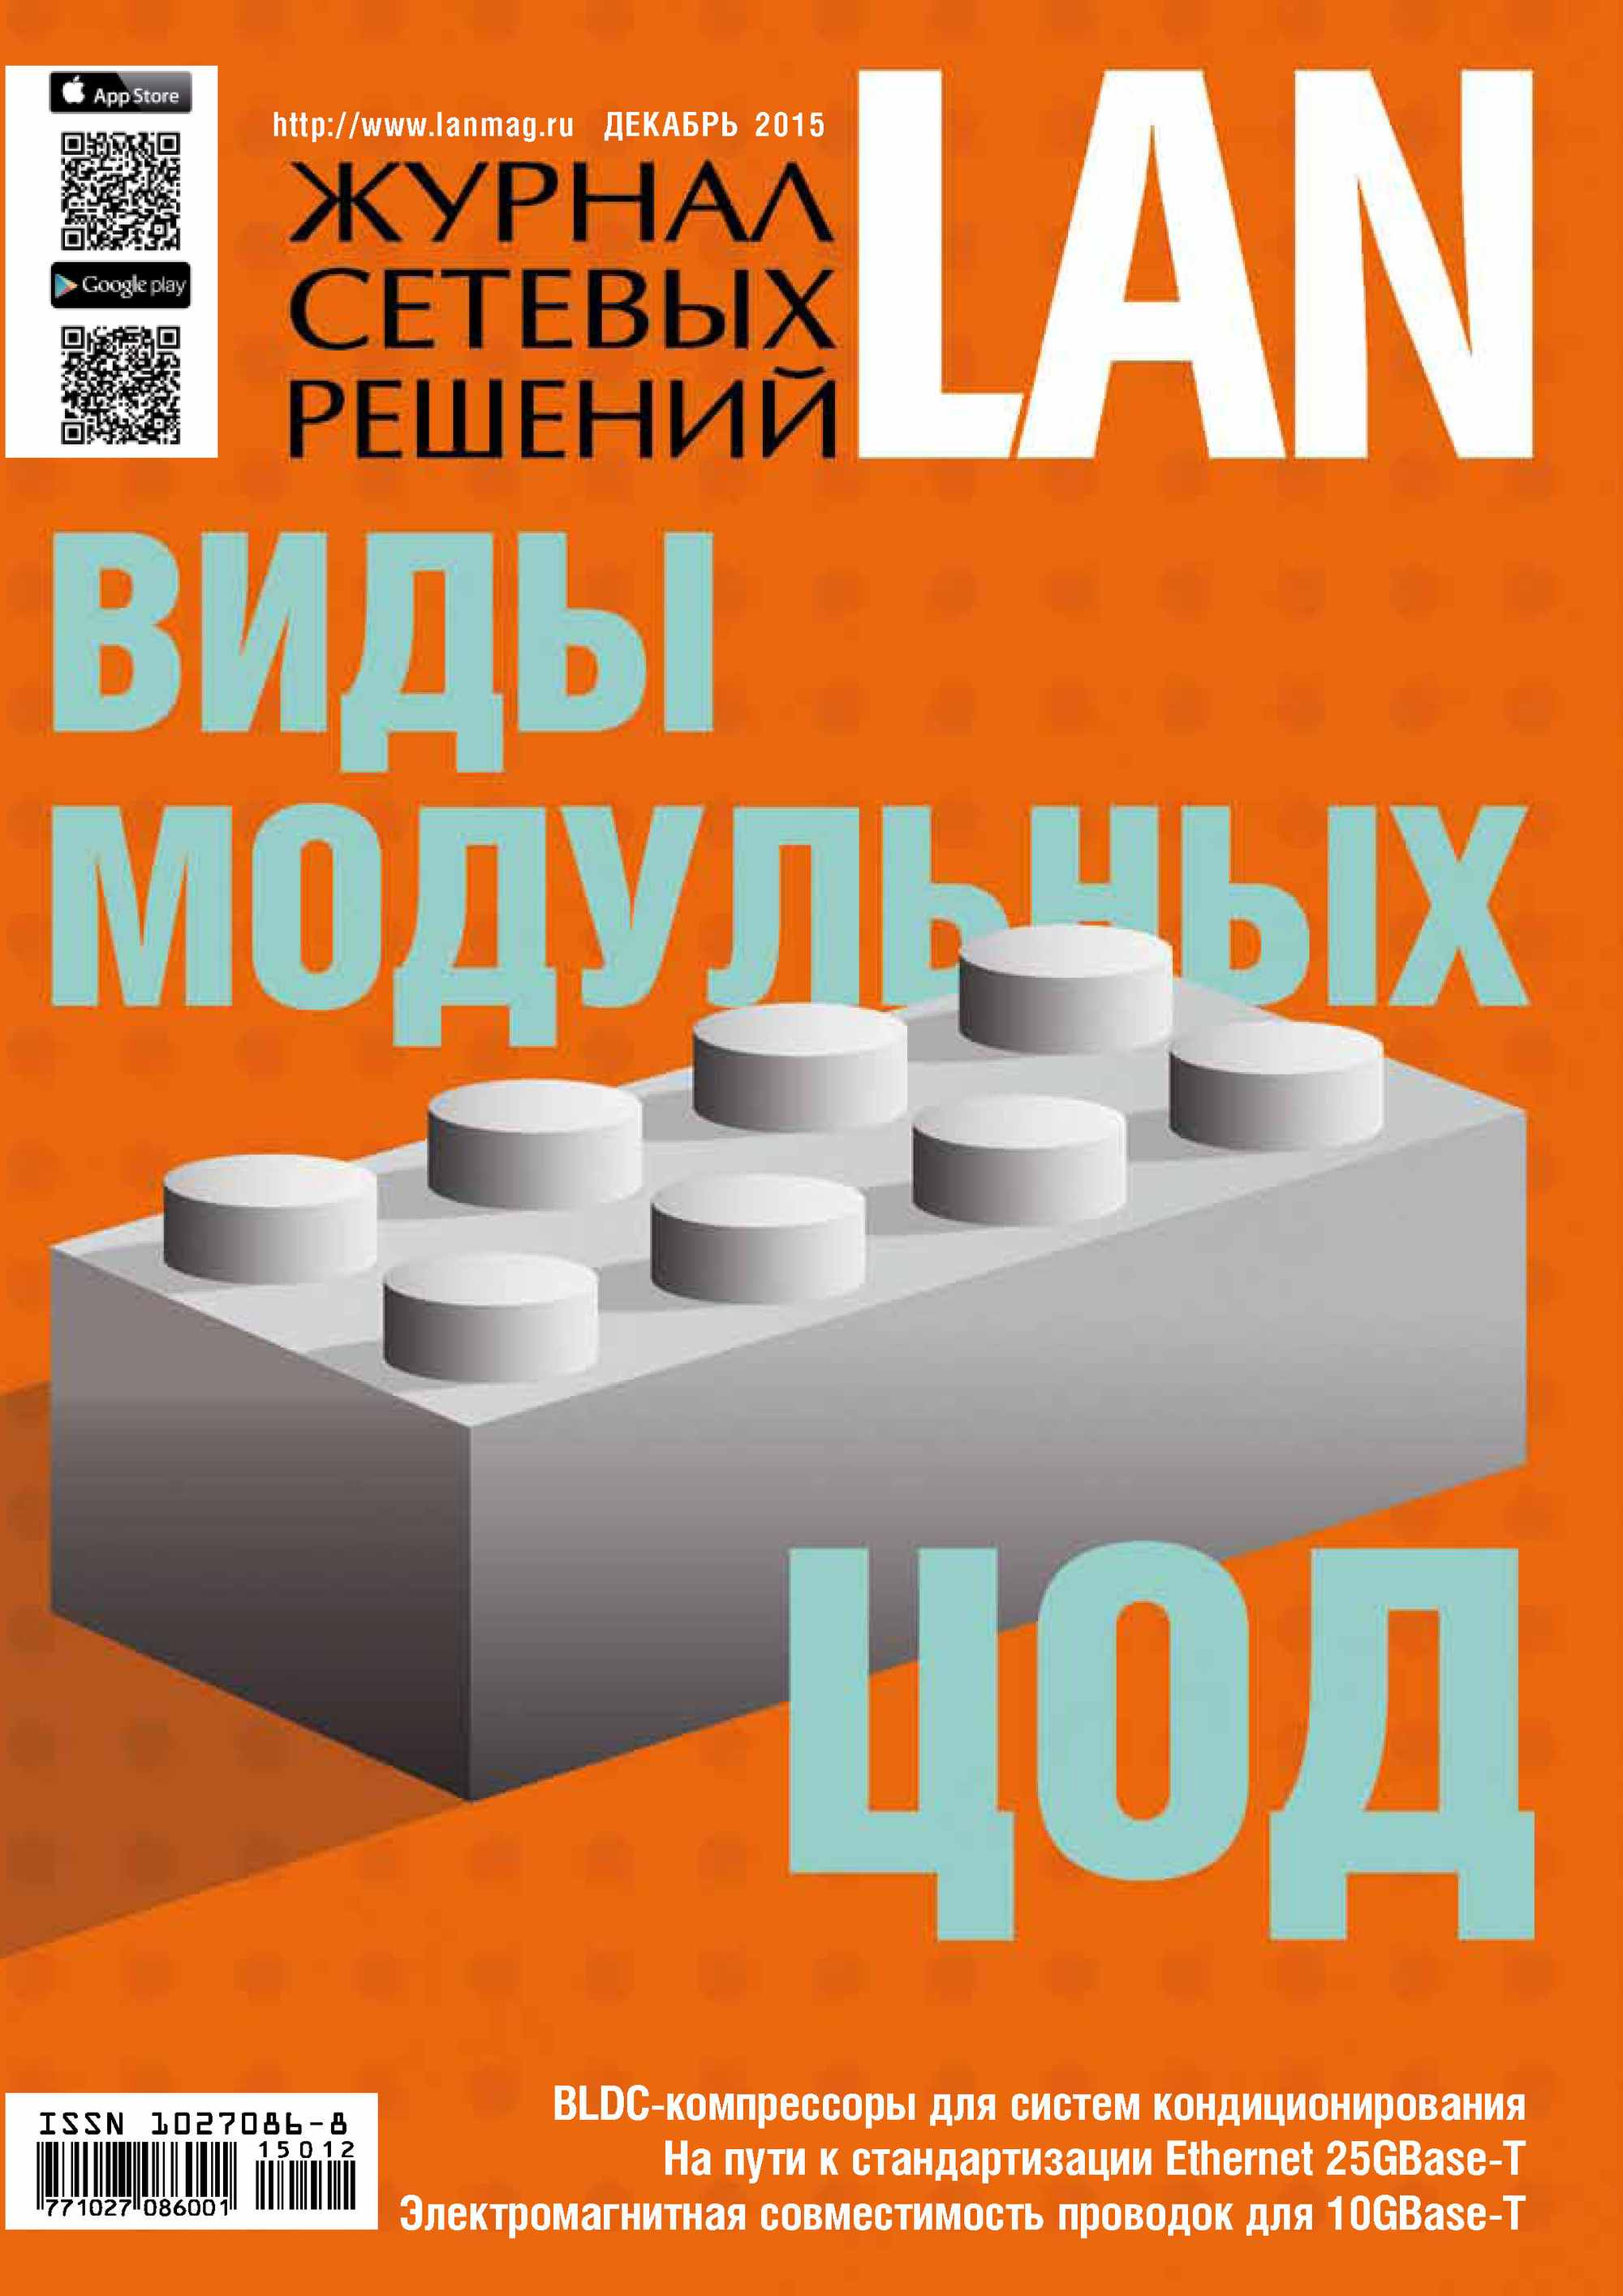 Открытые системы Журнал сетевых решений / LAN №12/2015 открытые системы журнал сетевых решений lan 10 2015